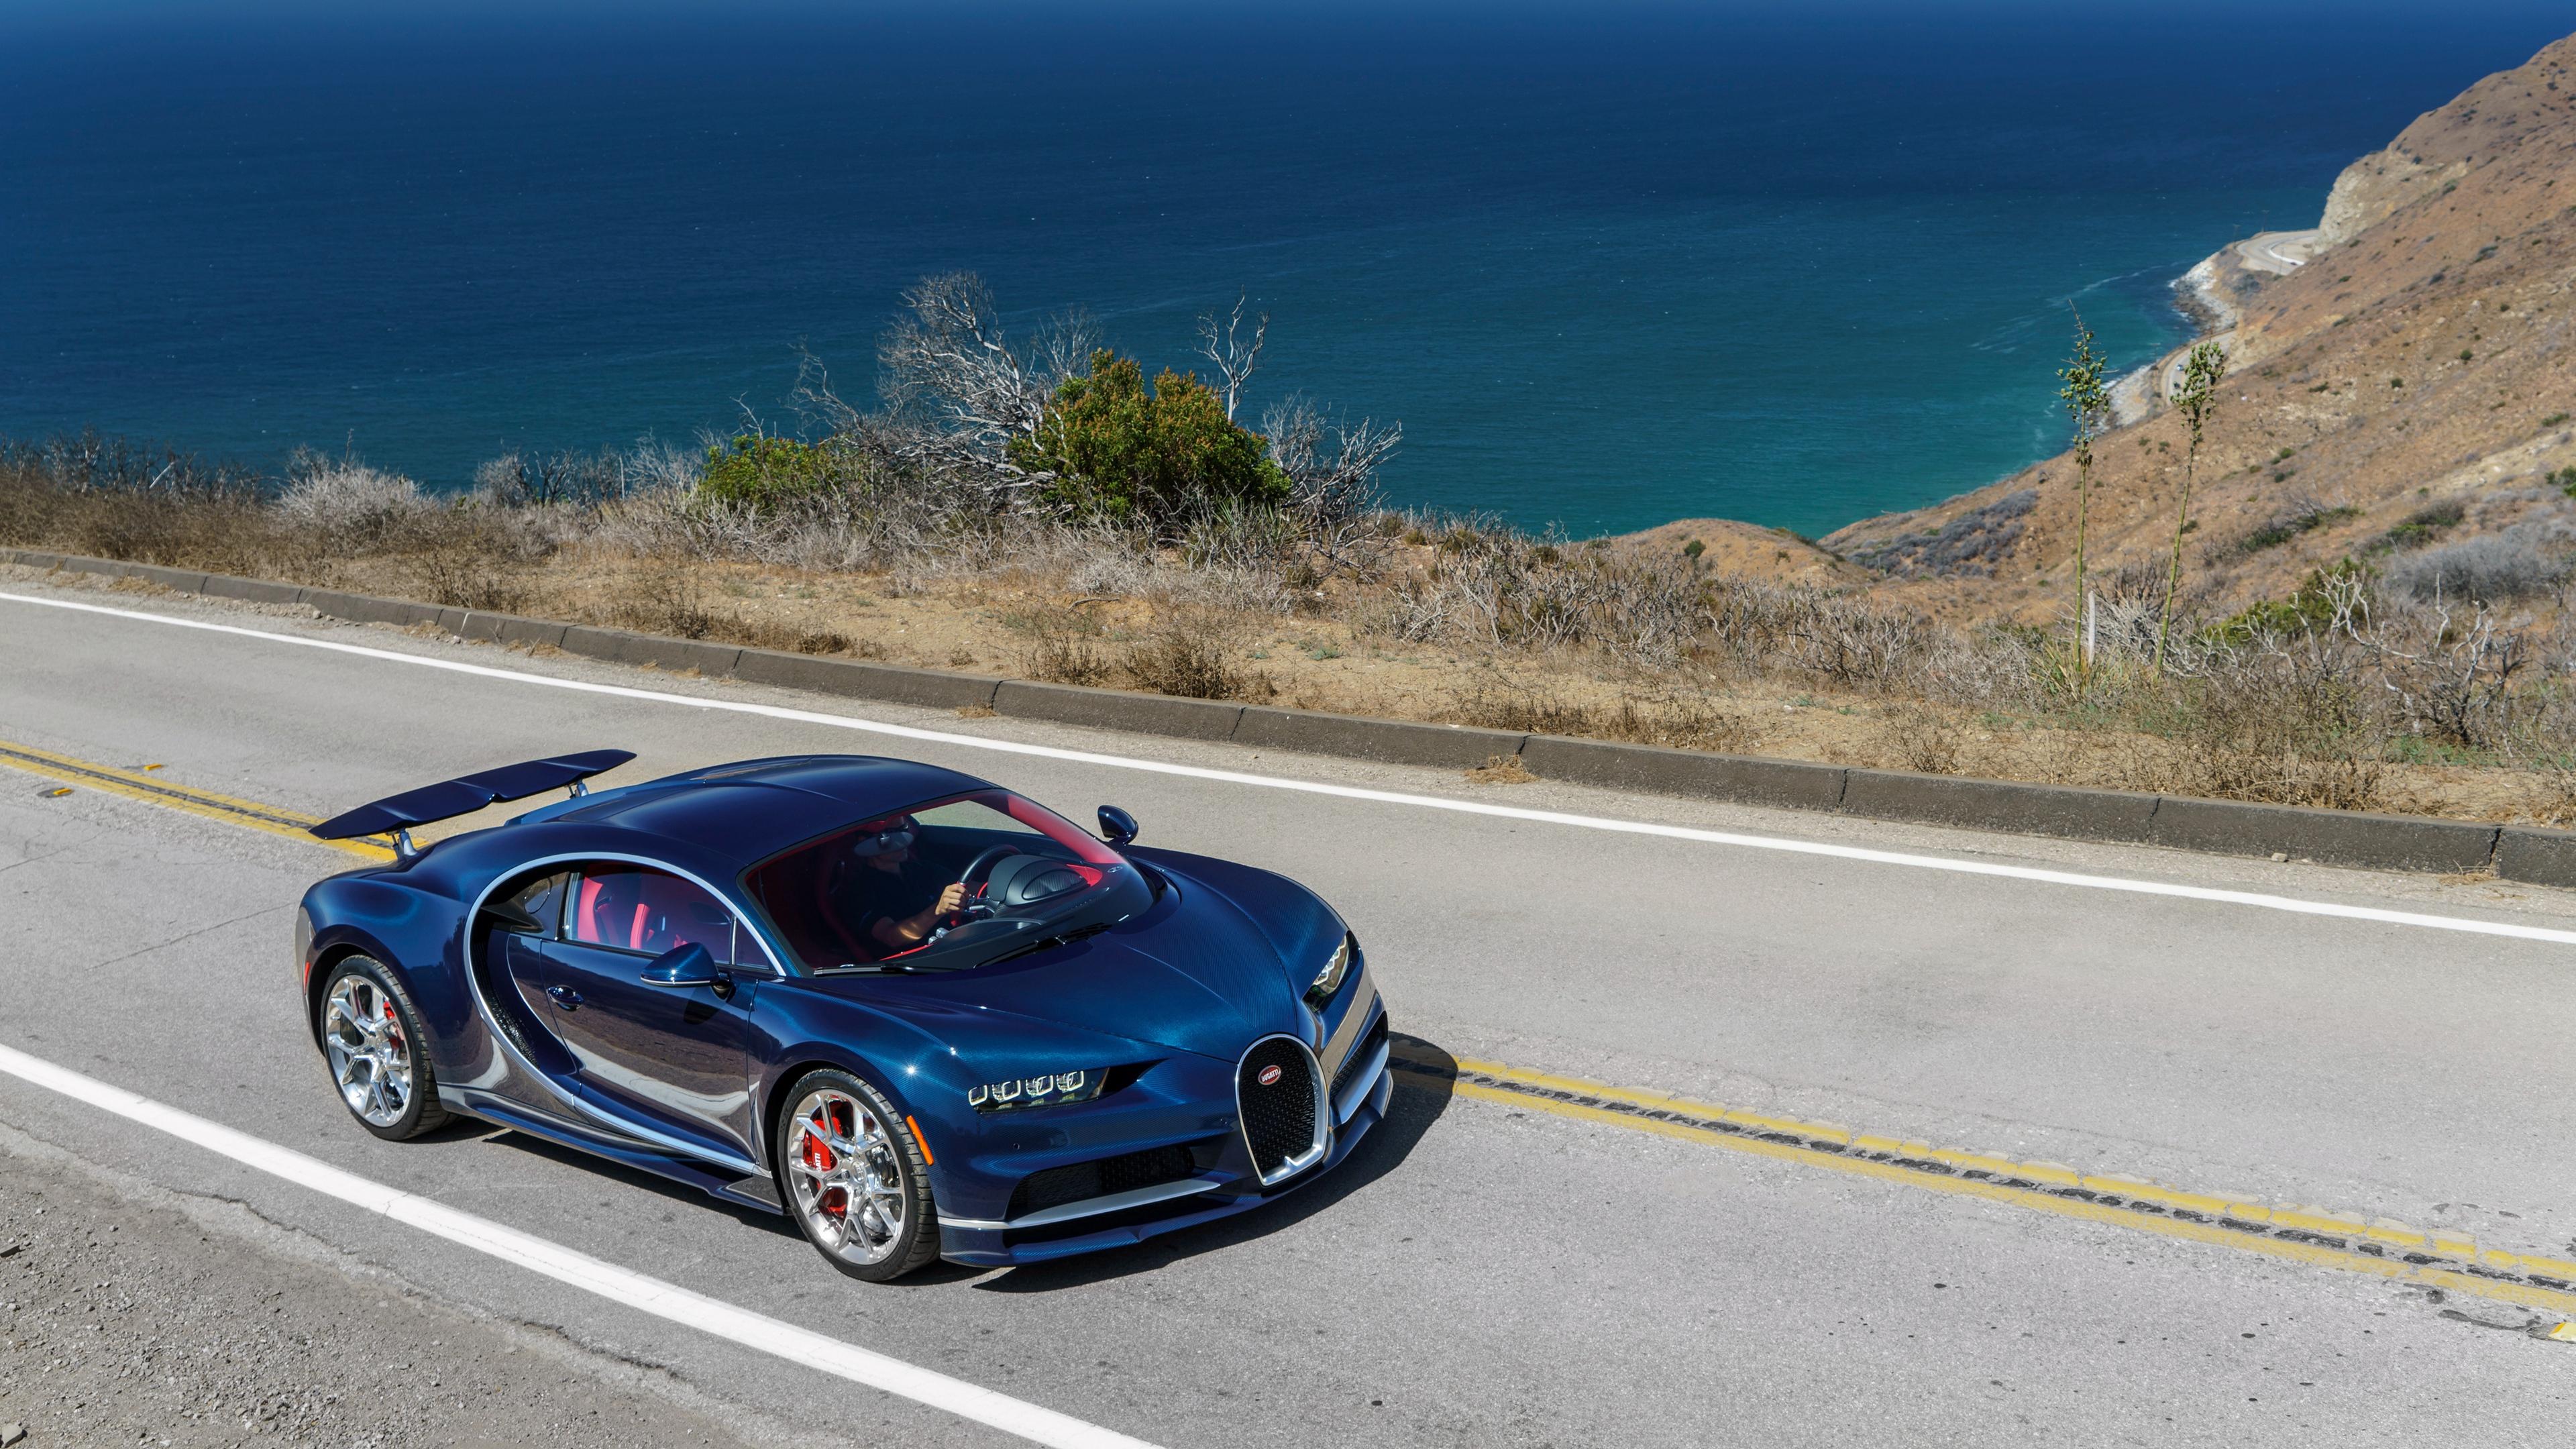 bugatti chiron blue side view 4k 1538935204 - bugatti, chiron, blue, side view 4k - Chiron, Bugatti, blue